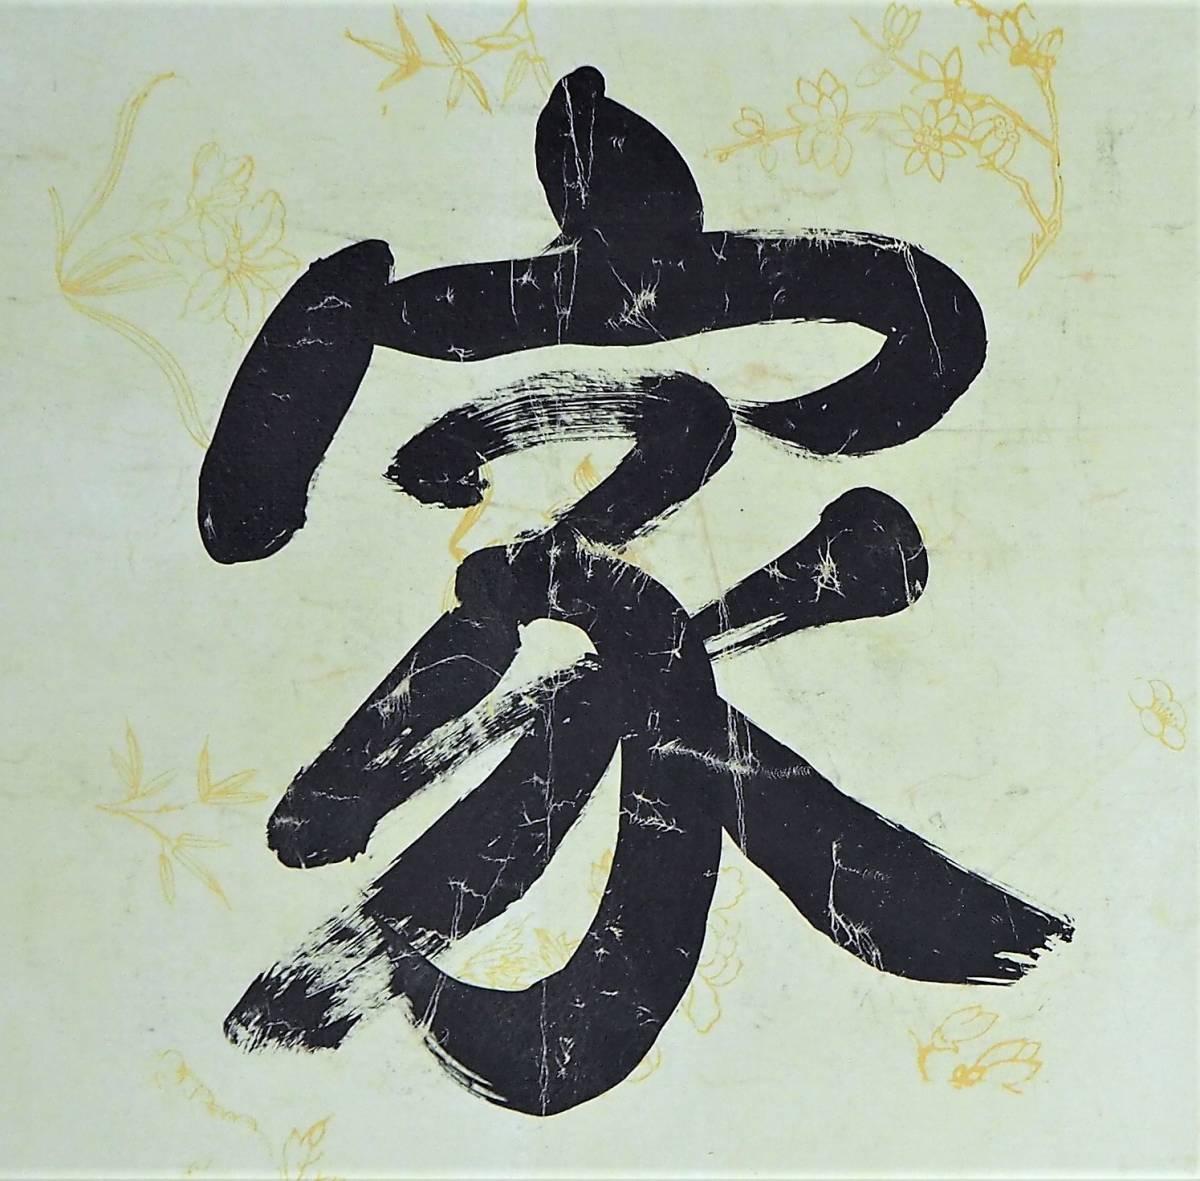 【名家蔵出】中国美術 郭沫若 横一行書『百家争鳴』まくり 書法 肉筆 中国書家 中国文学者 中国政治家_画像4